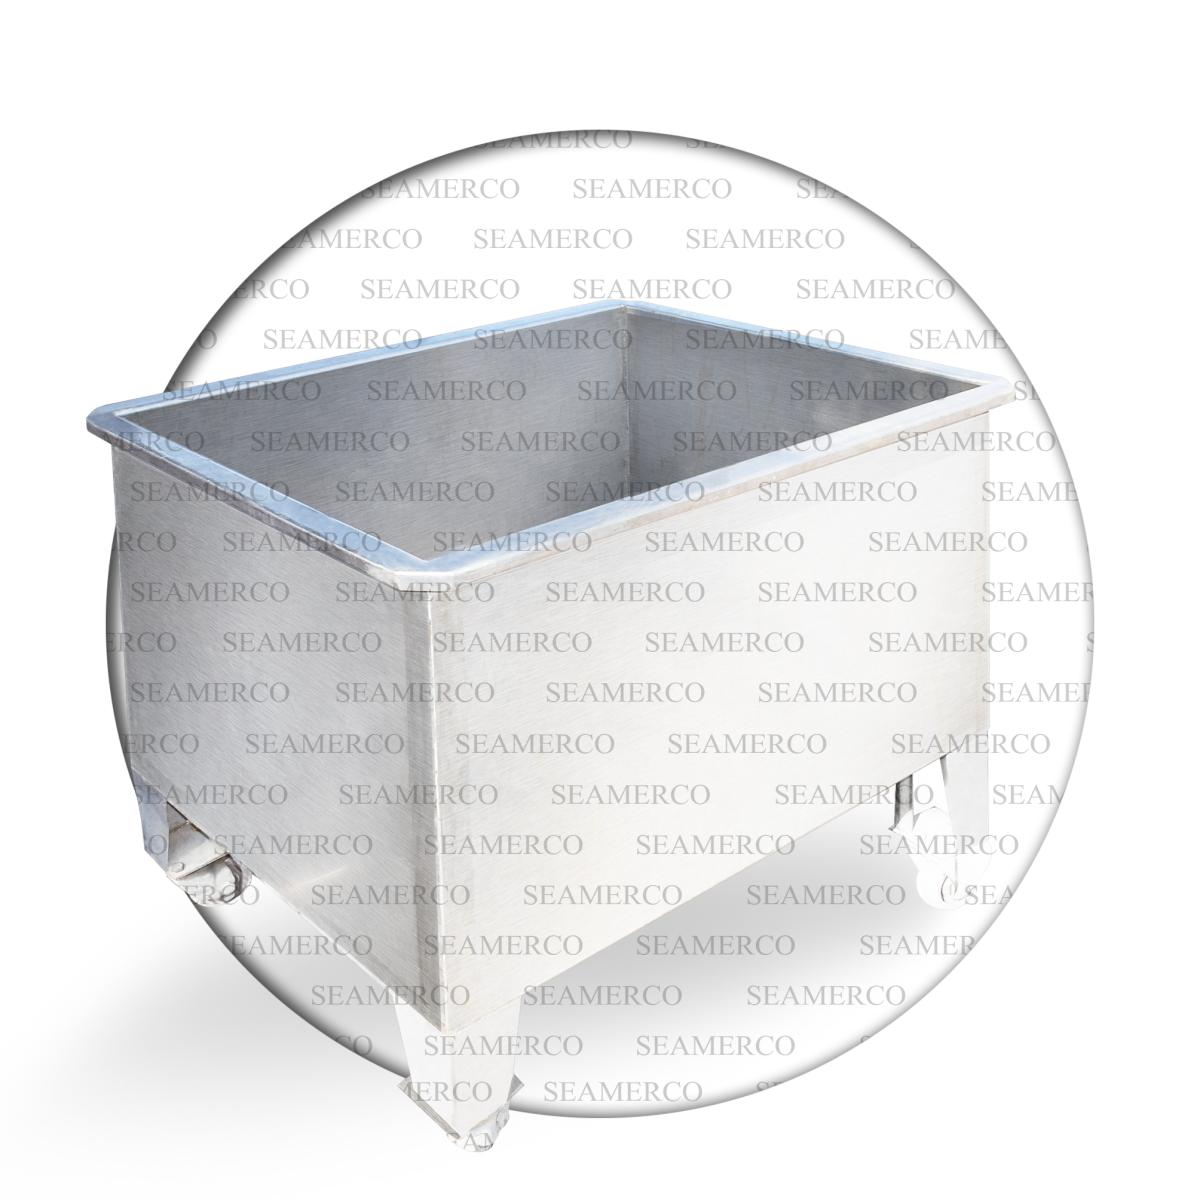 وان حمل و نقل مواد برای ذخیره مواد اولیه در خط تولید کنسرویجات استفاده میشود .